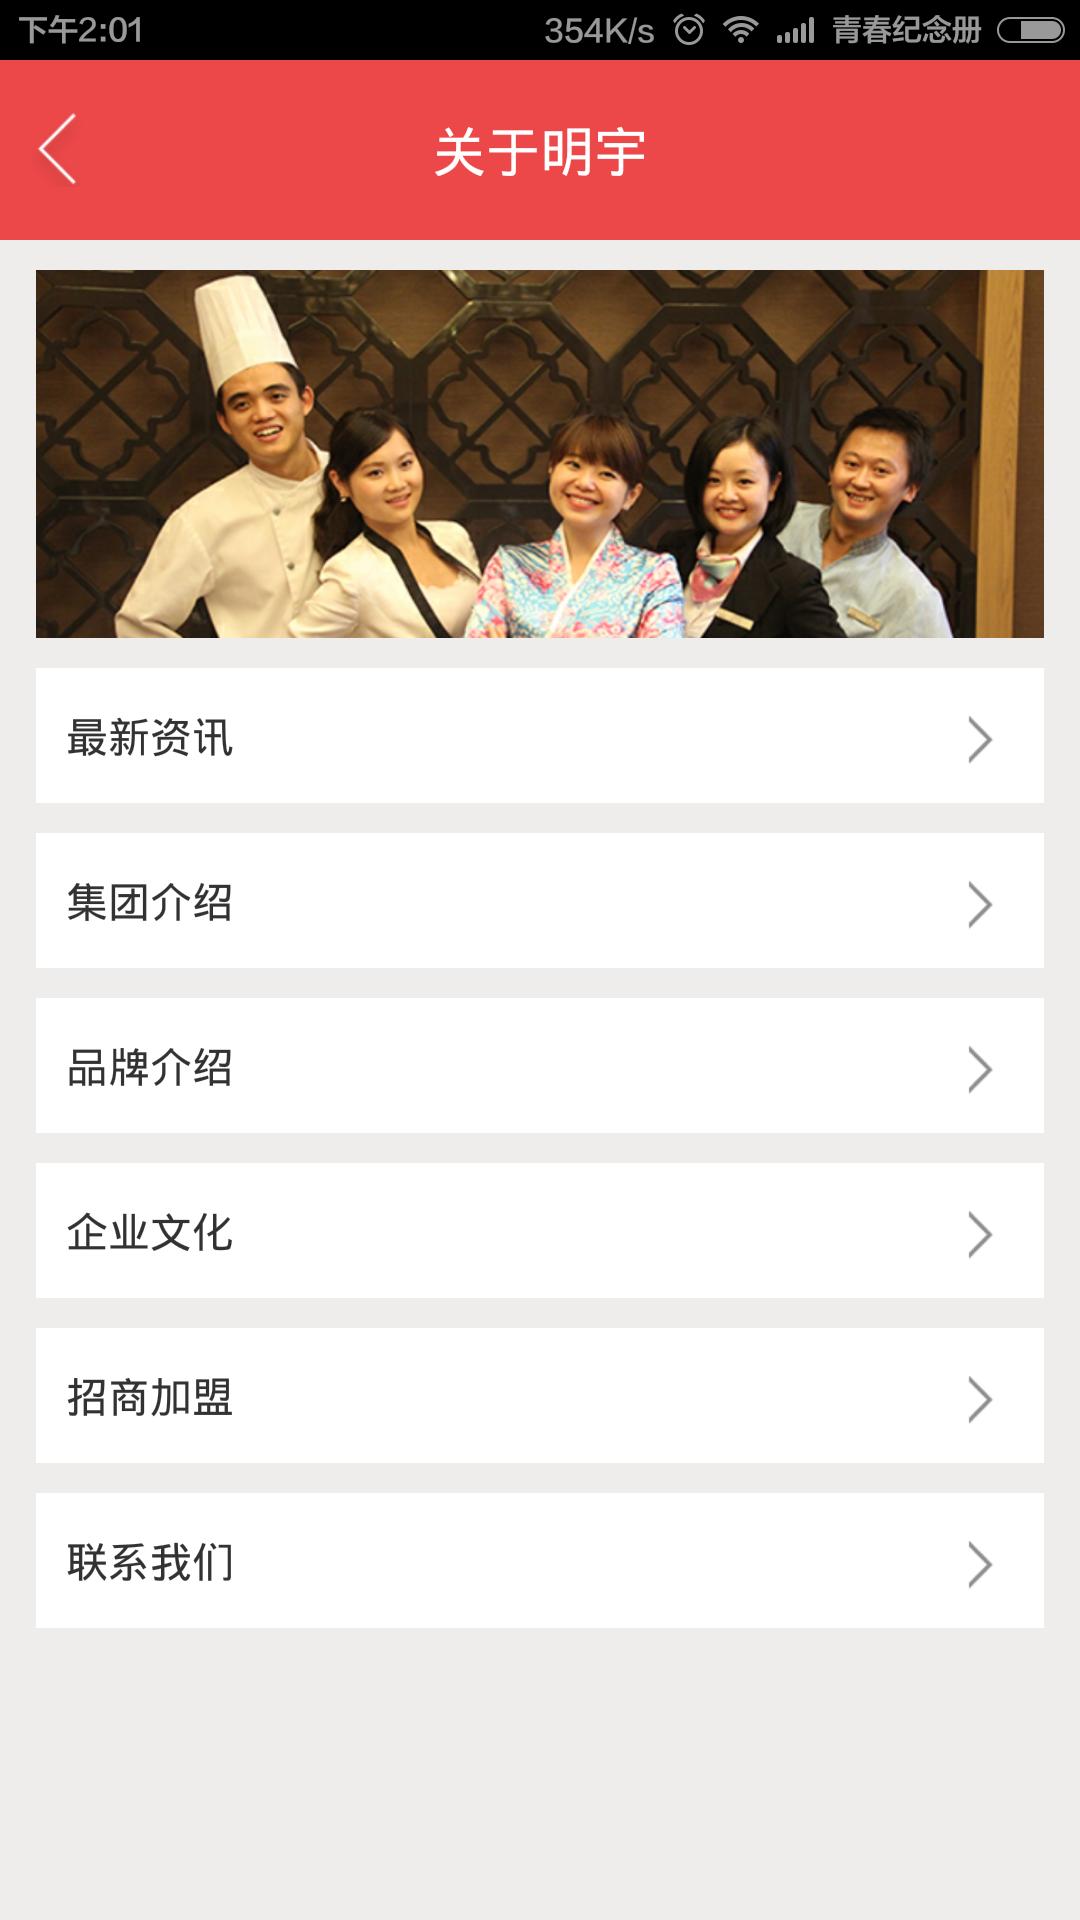 明宇酒店v1.2截图3